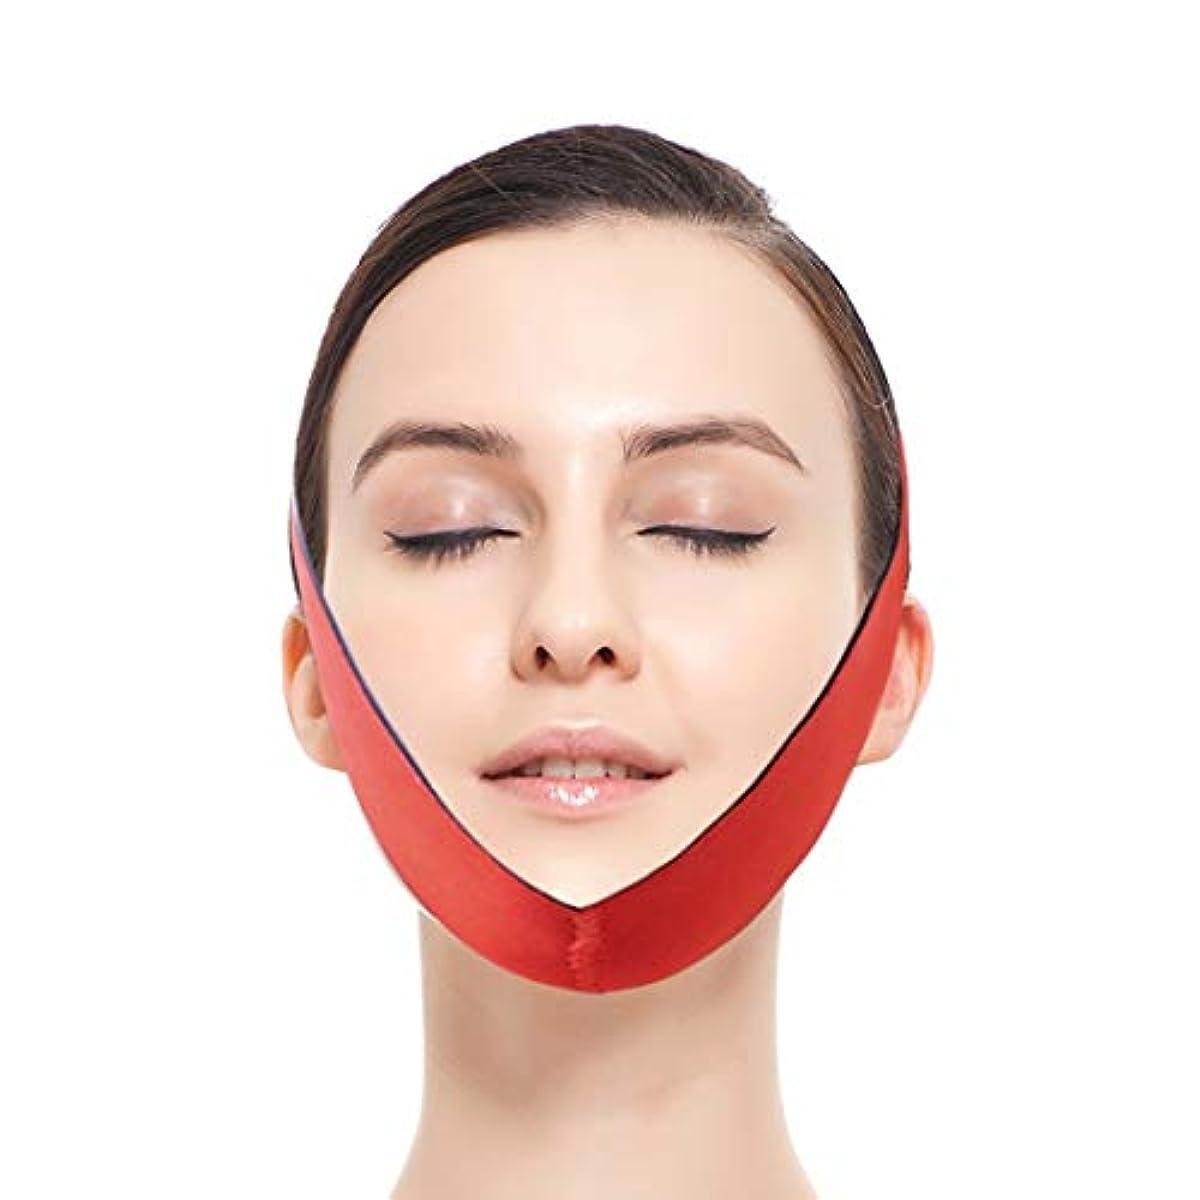 クロール共役鏡ZWBD フェイスマスク, 顔を持ち上げる包帯V顔リフティング引き締めの美しさ薄い顔包帯眠っている男性と女性と顎セット持ち上げタイトな睡眠